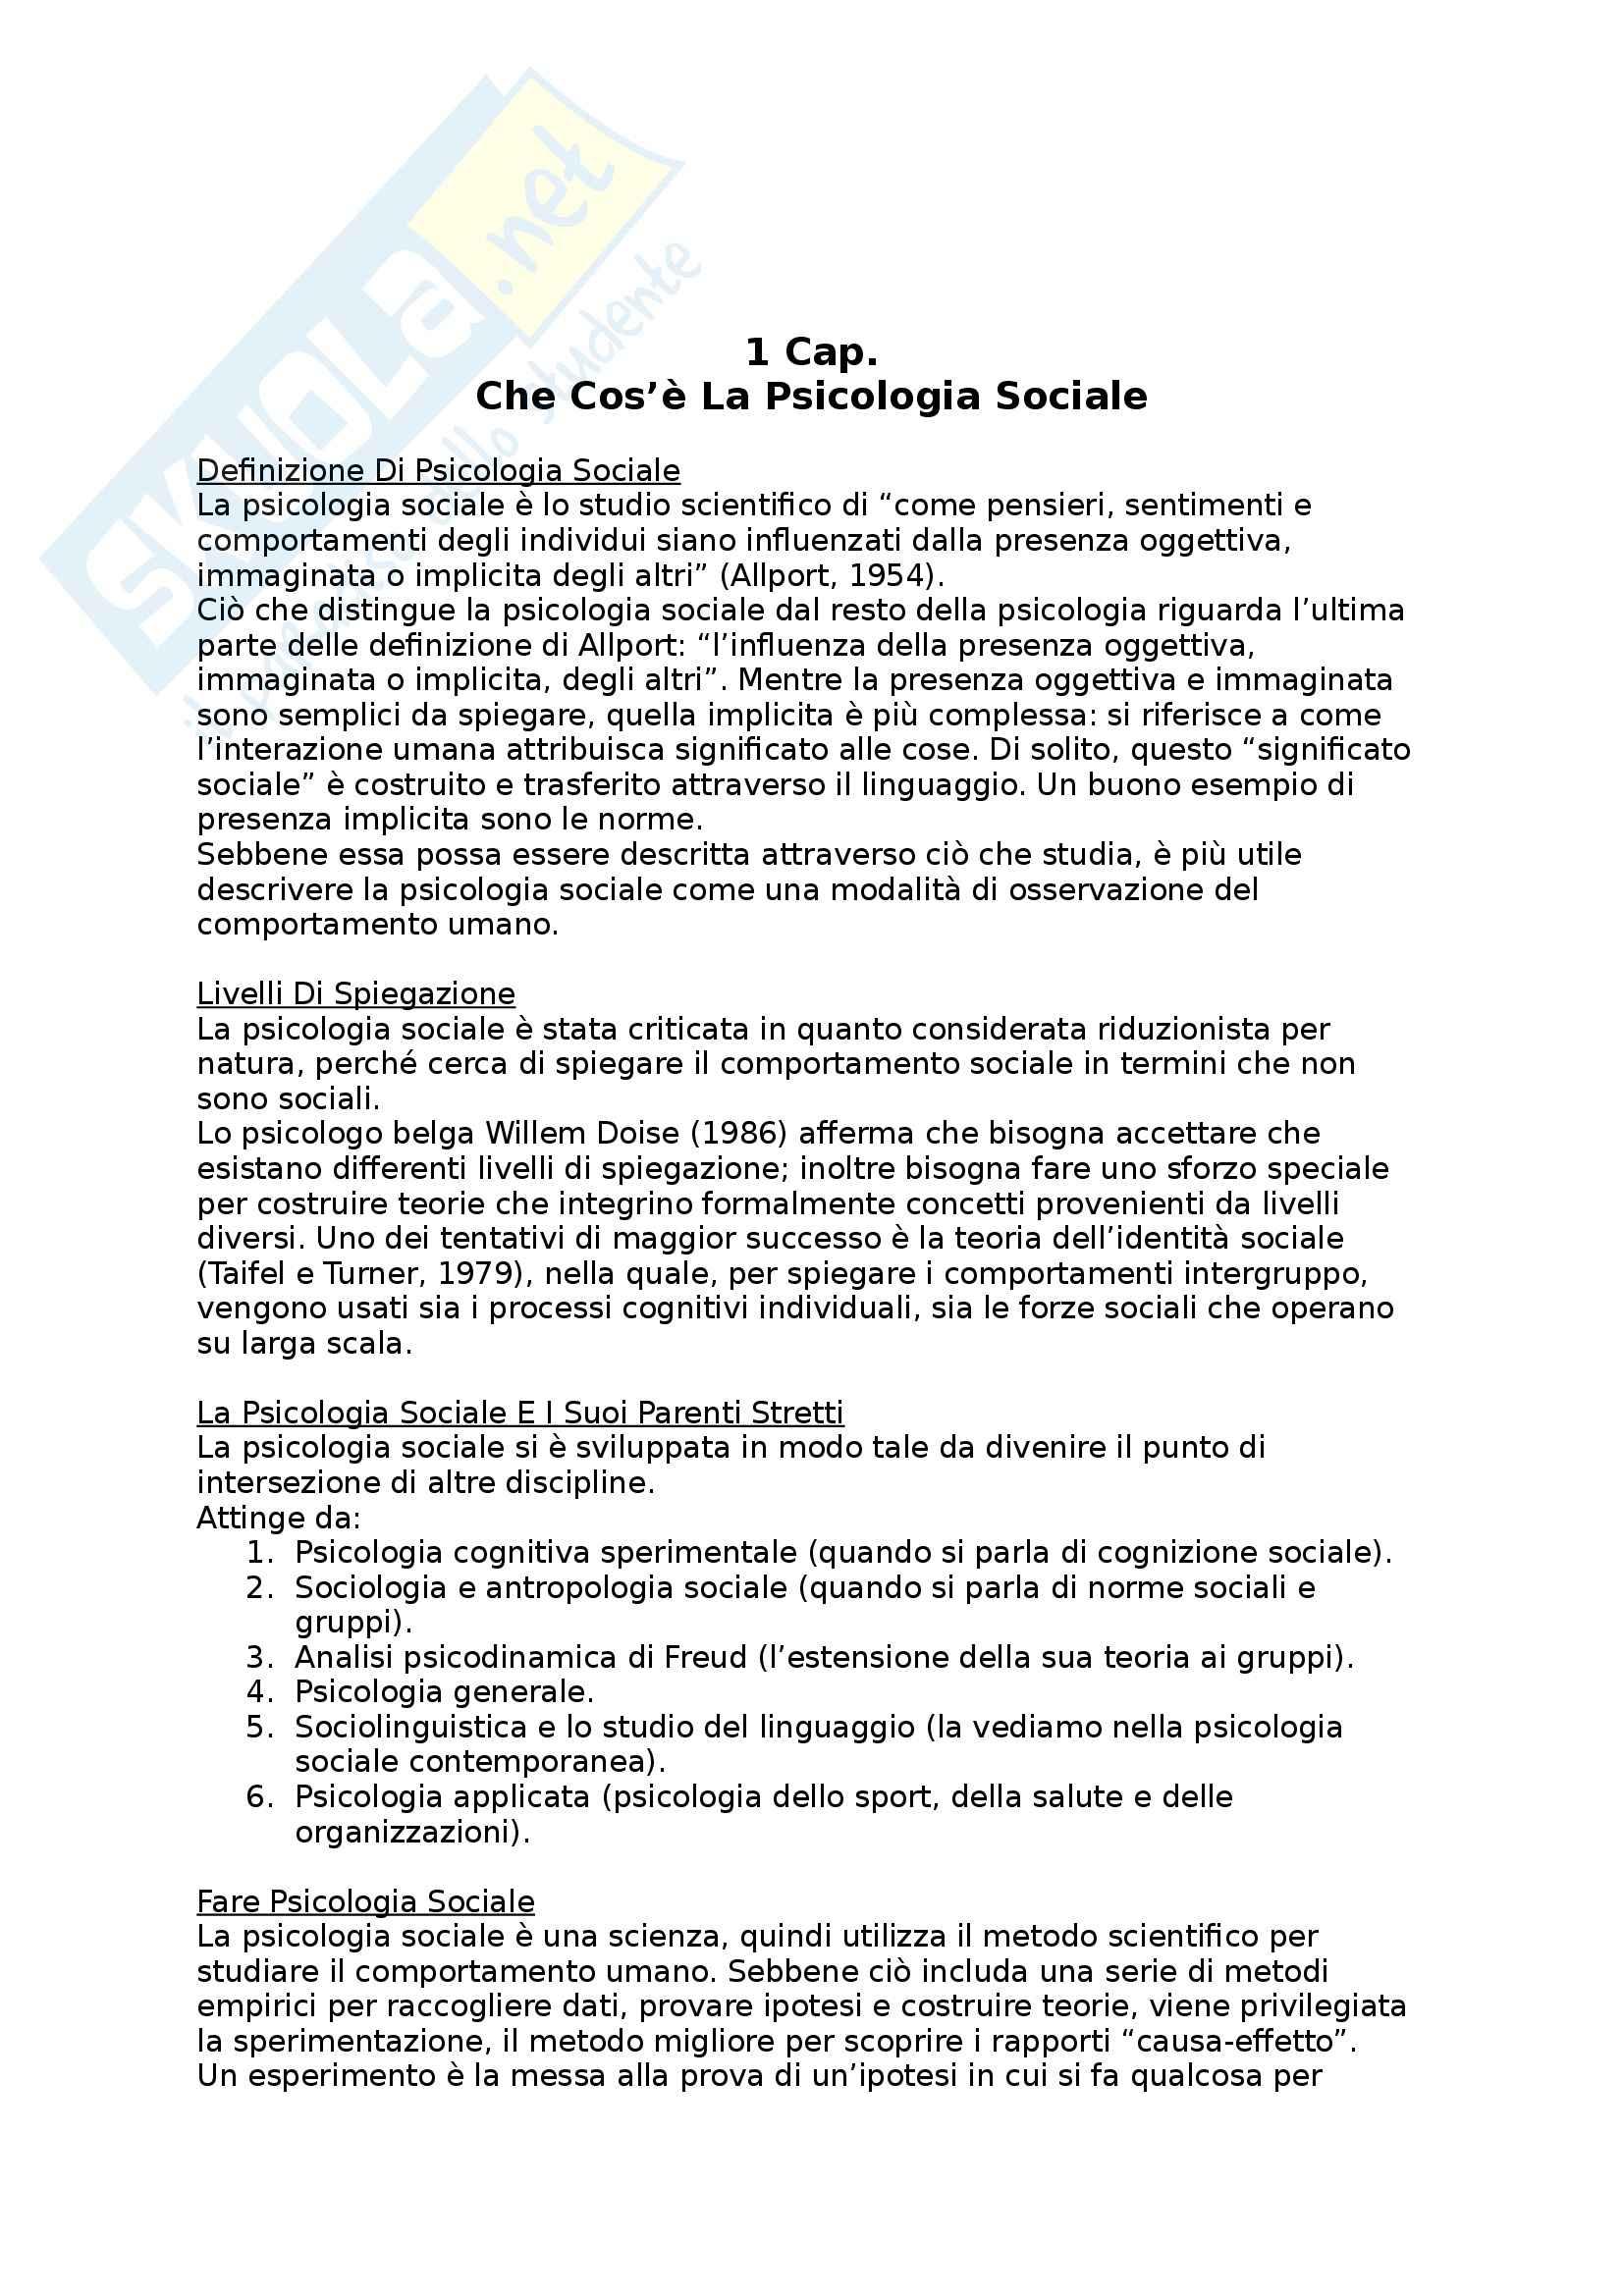 appunto S. Mannarini Psicologia sociale